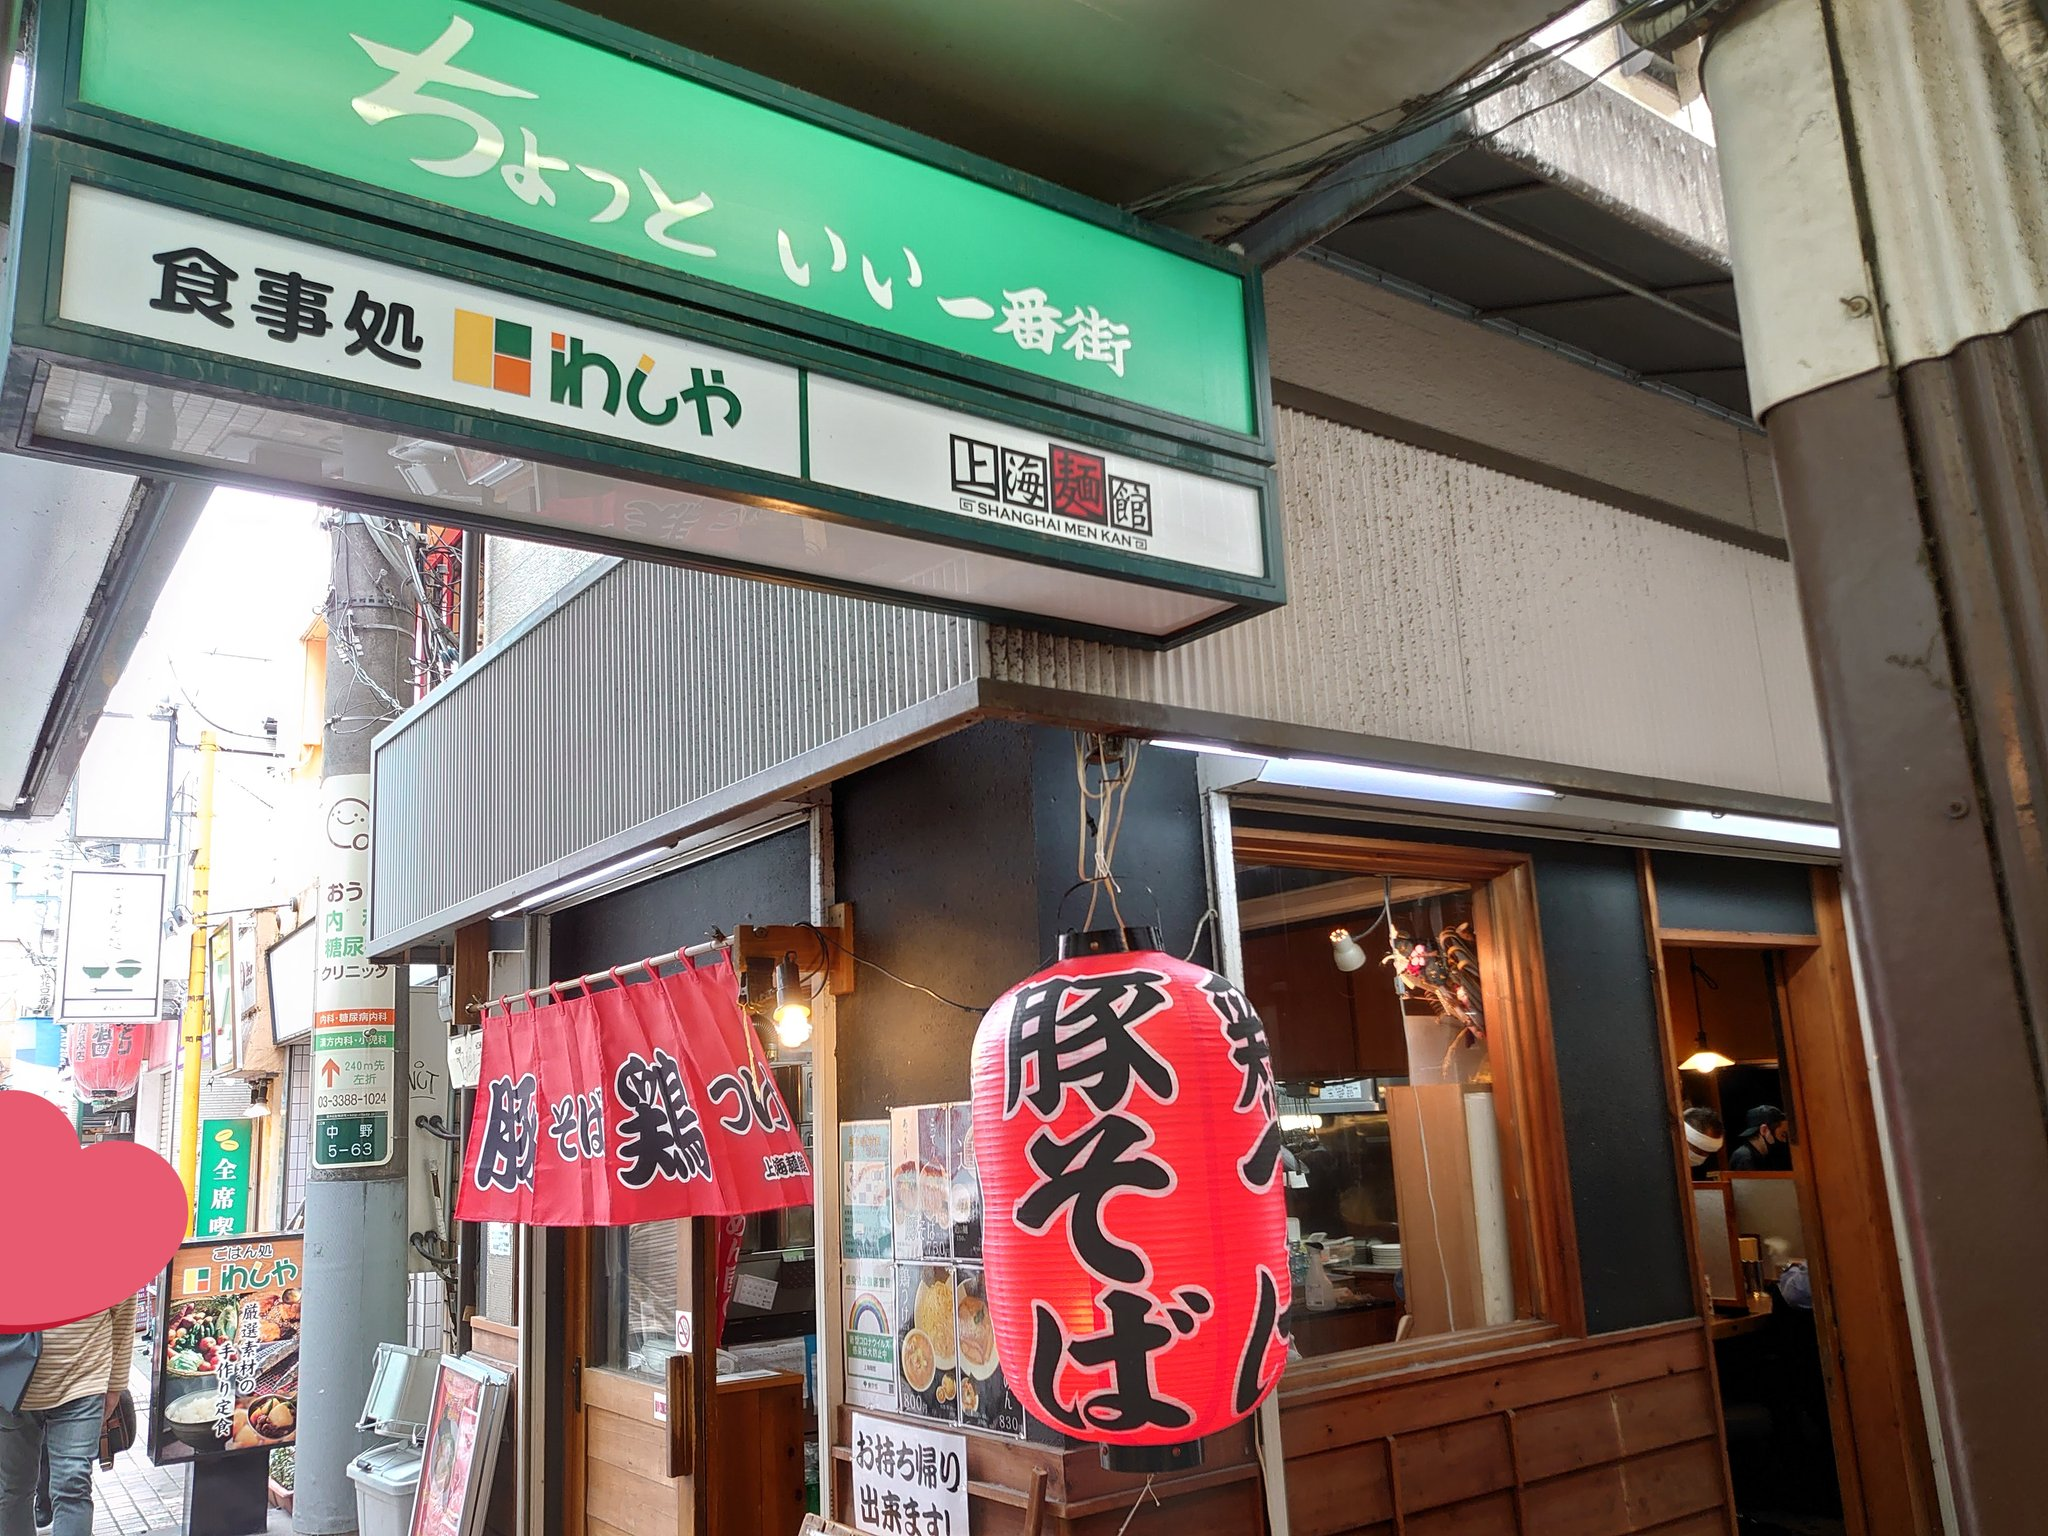 豚そば鶏つけそば専門店上海麺館外観 通常営業バージョン